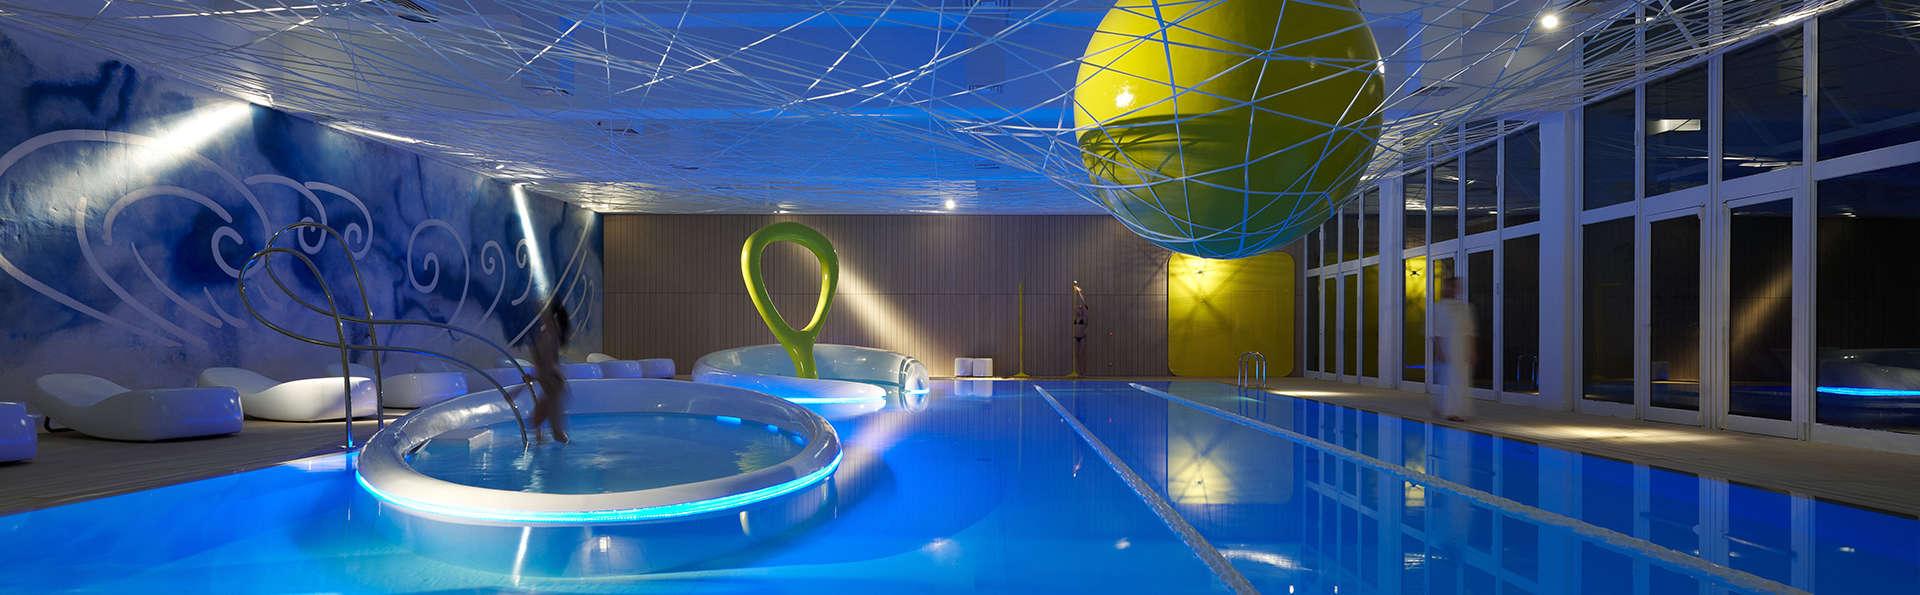 Séjour détente avec accès au spa et demi-pension à Gubbio